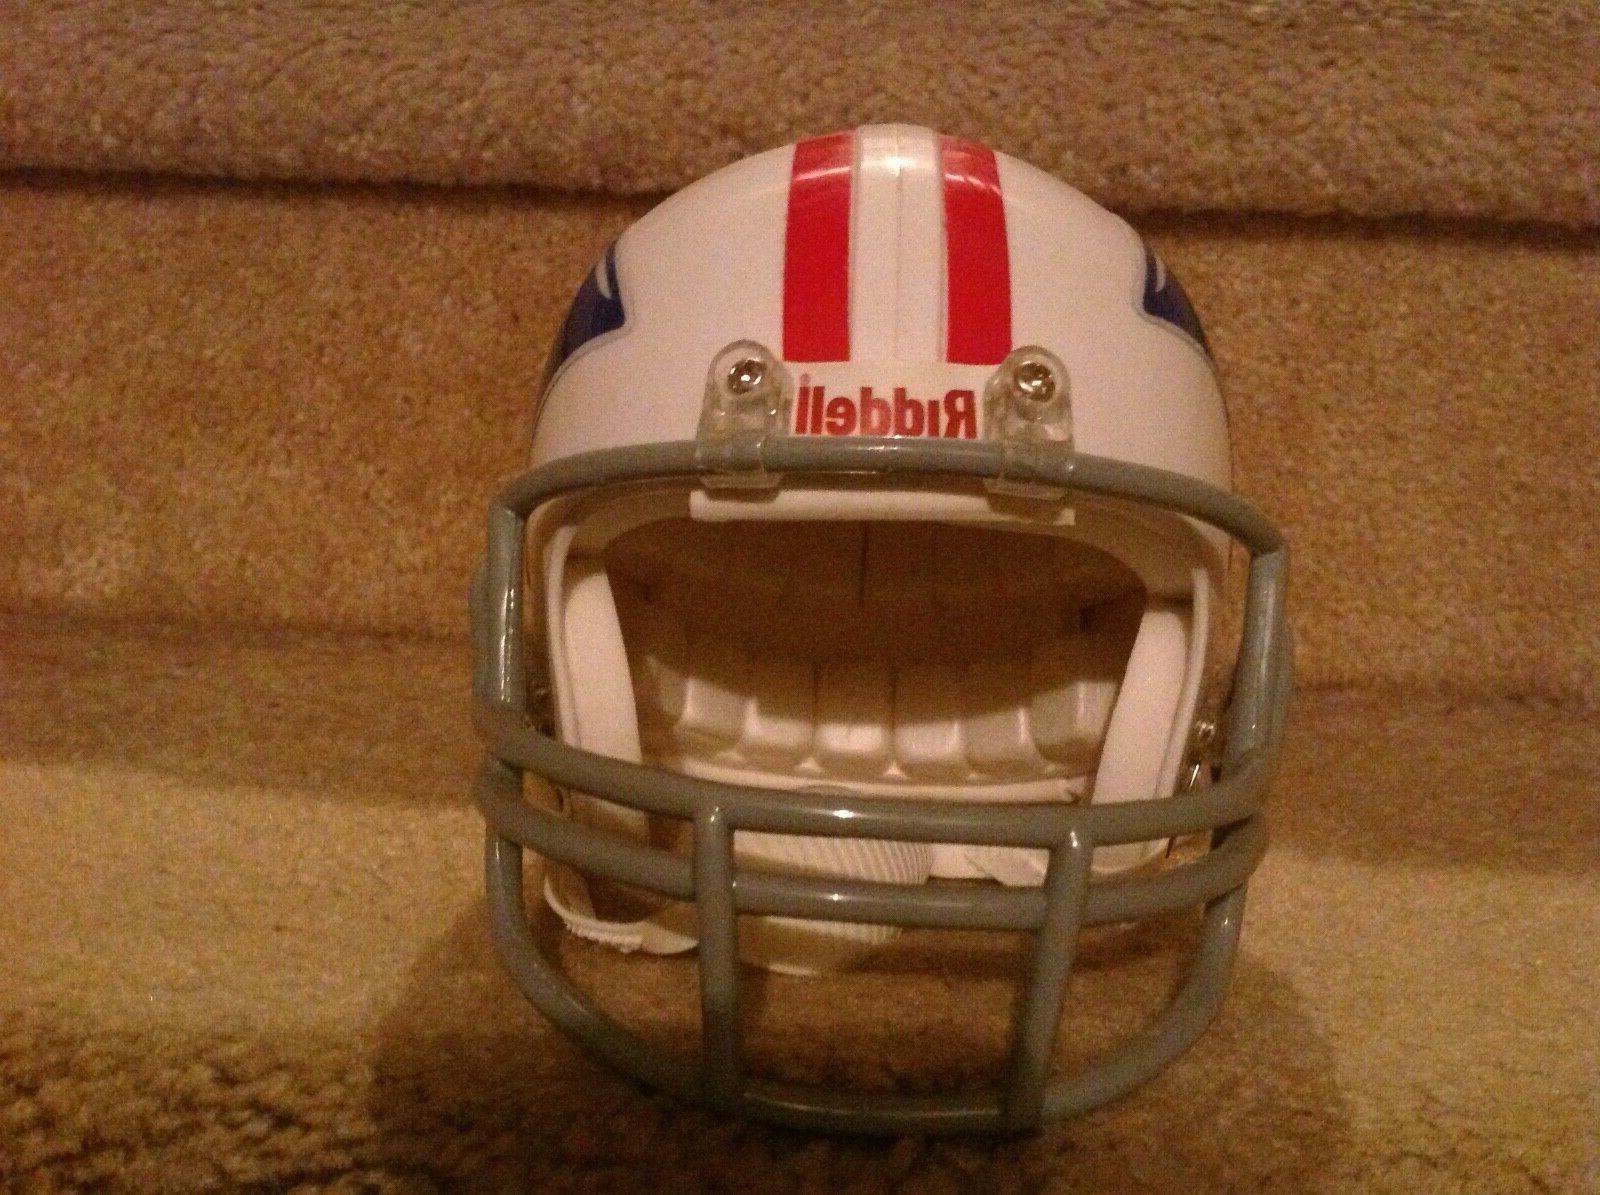 New mini Football RIDDELL Boston